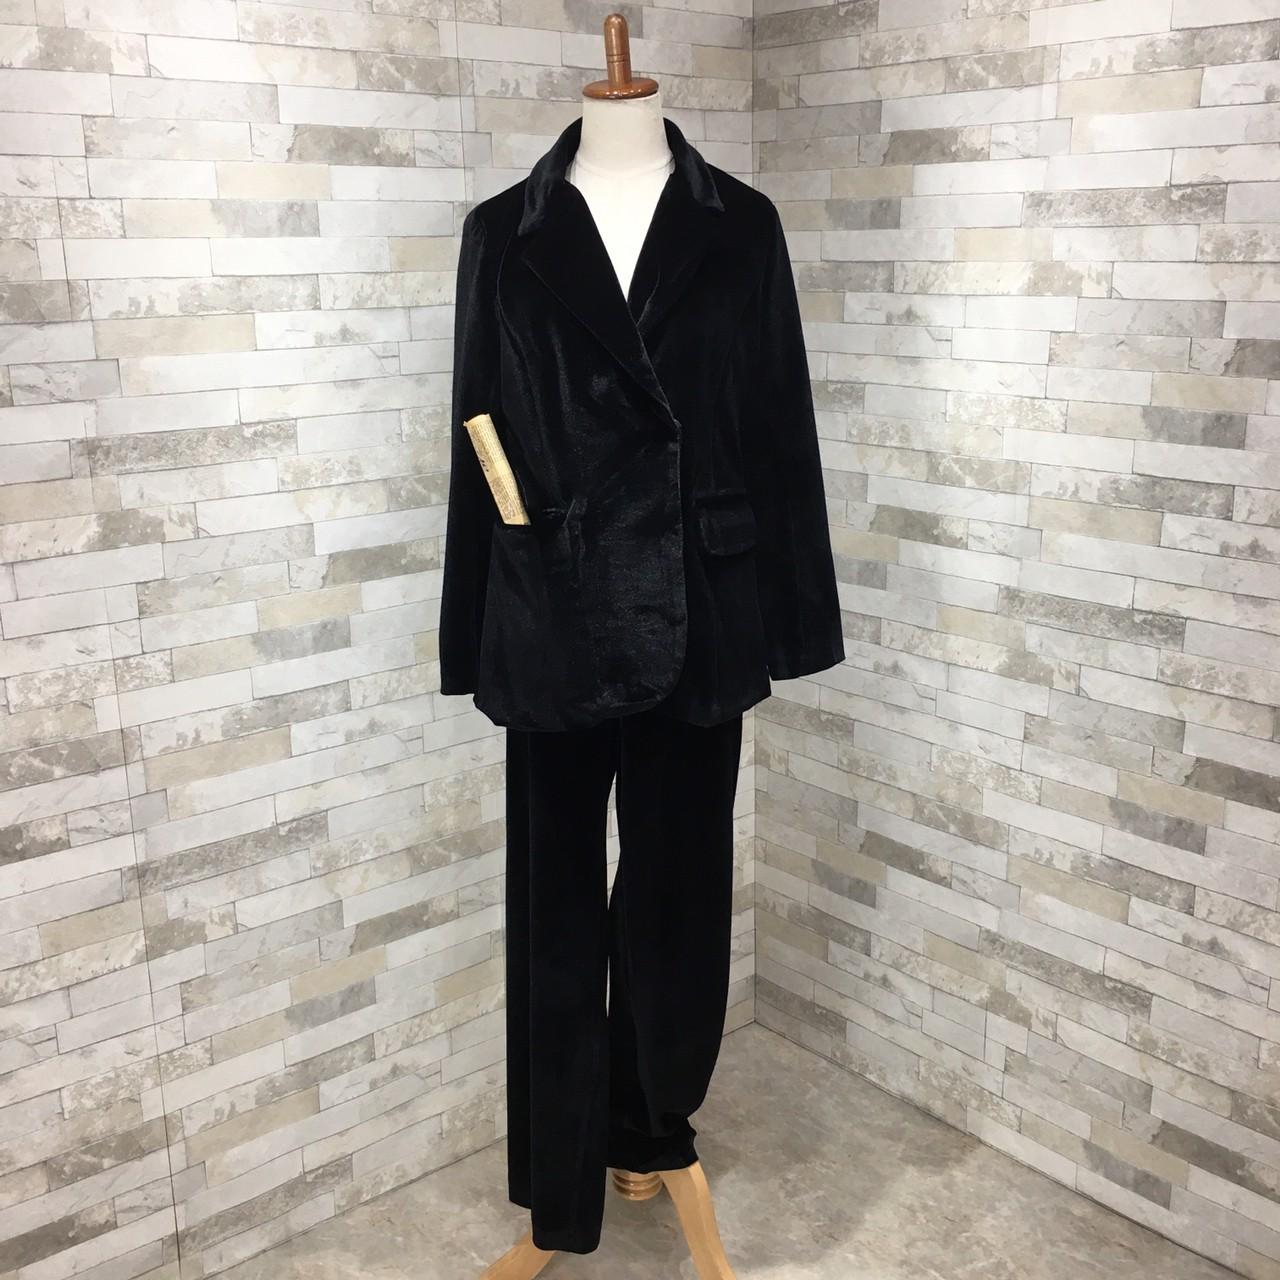 【即納】韓国 ファッション パンツ セットアップ パーティードレス 結婚式 お呼ばれドレス 秋 冬 パーティー ブライダル SPTXH554  起毛 ドレープ テーラードジャ 二次会 セレブ きれいめの写真10枚目